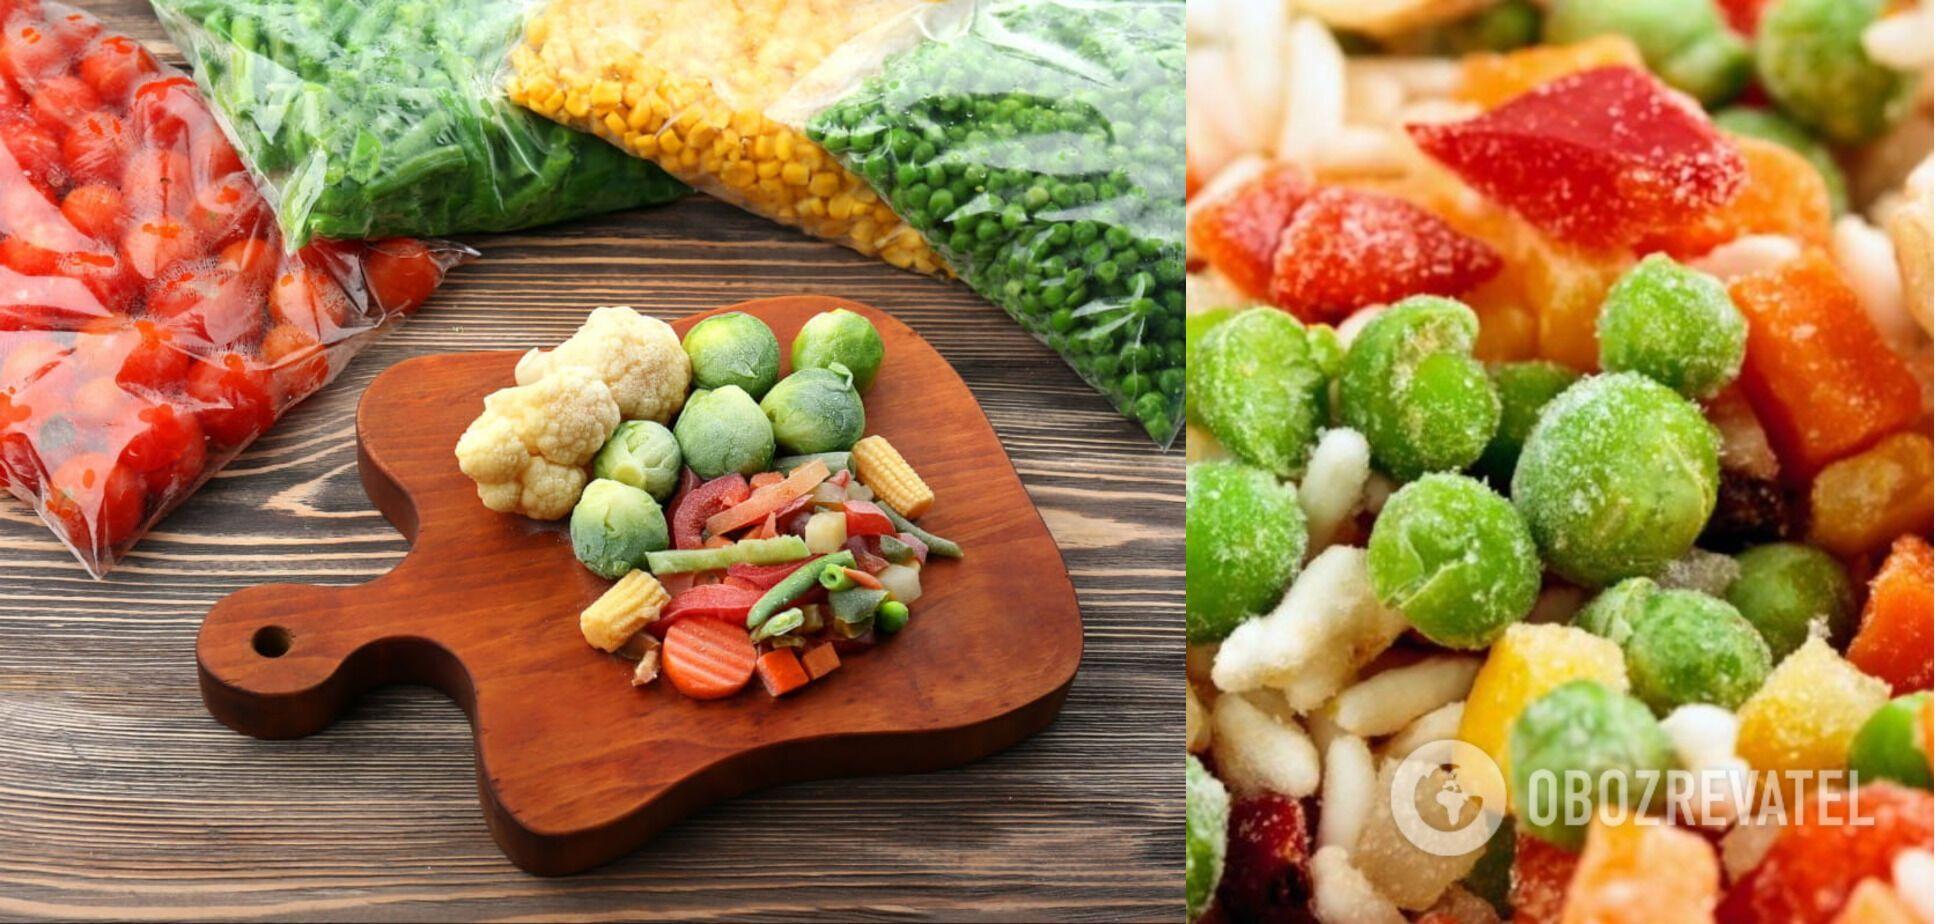 Вітаміни на зиму: як правильно заморозити овочі, щоб зберегти їх смак і корисність